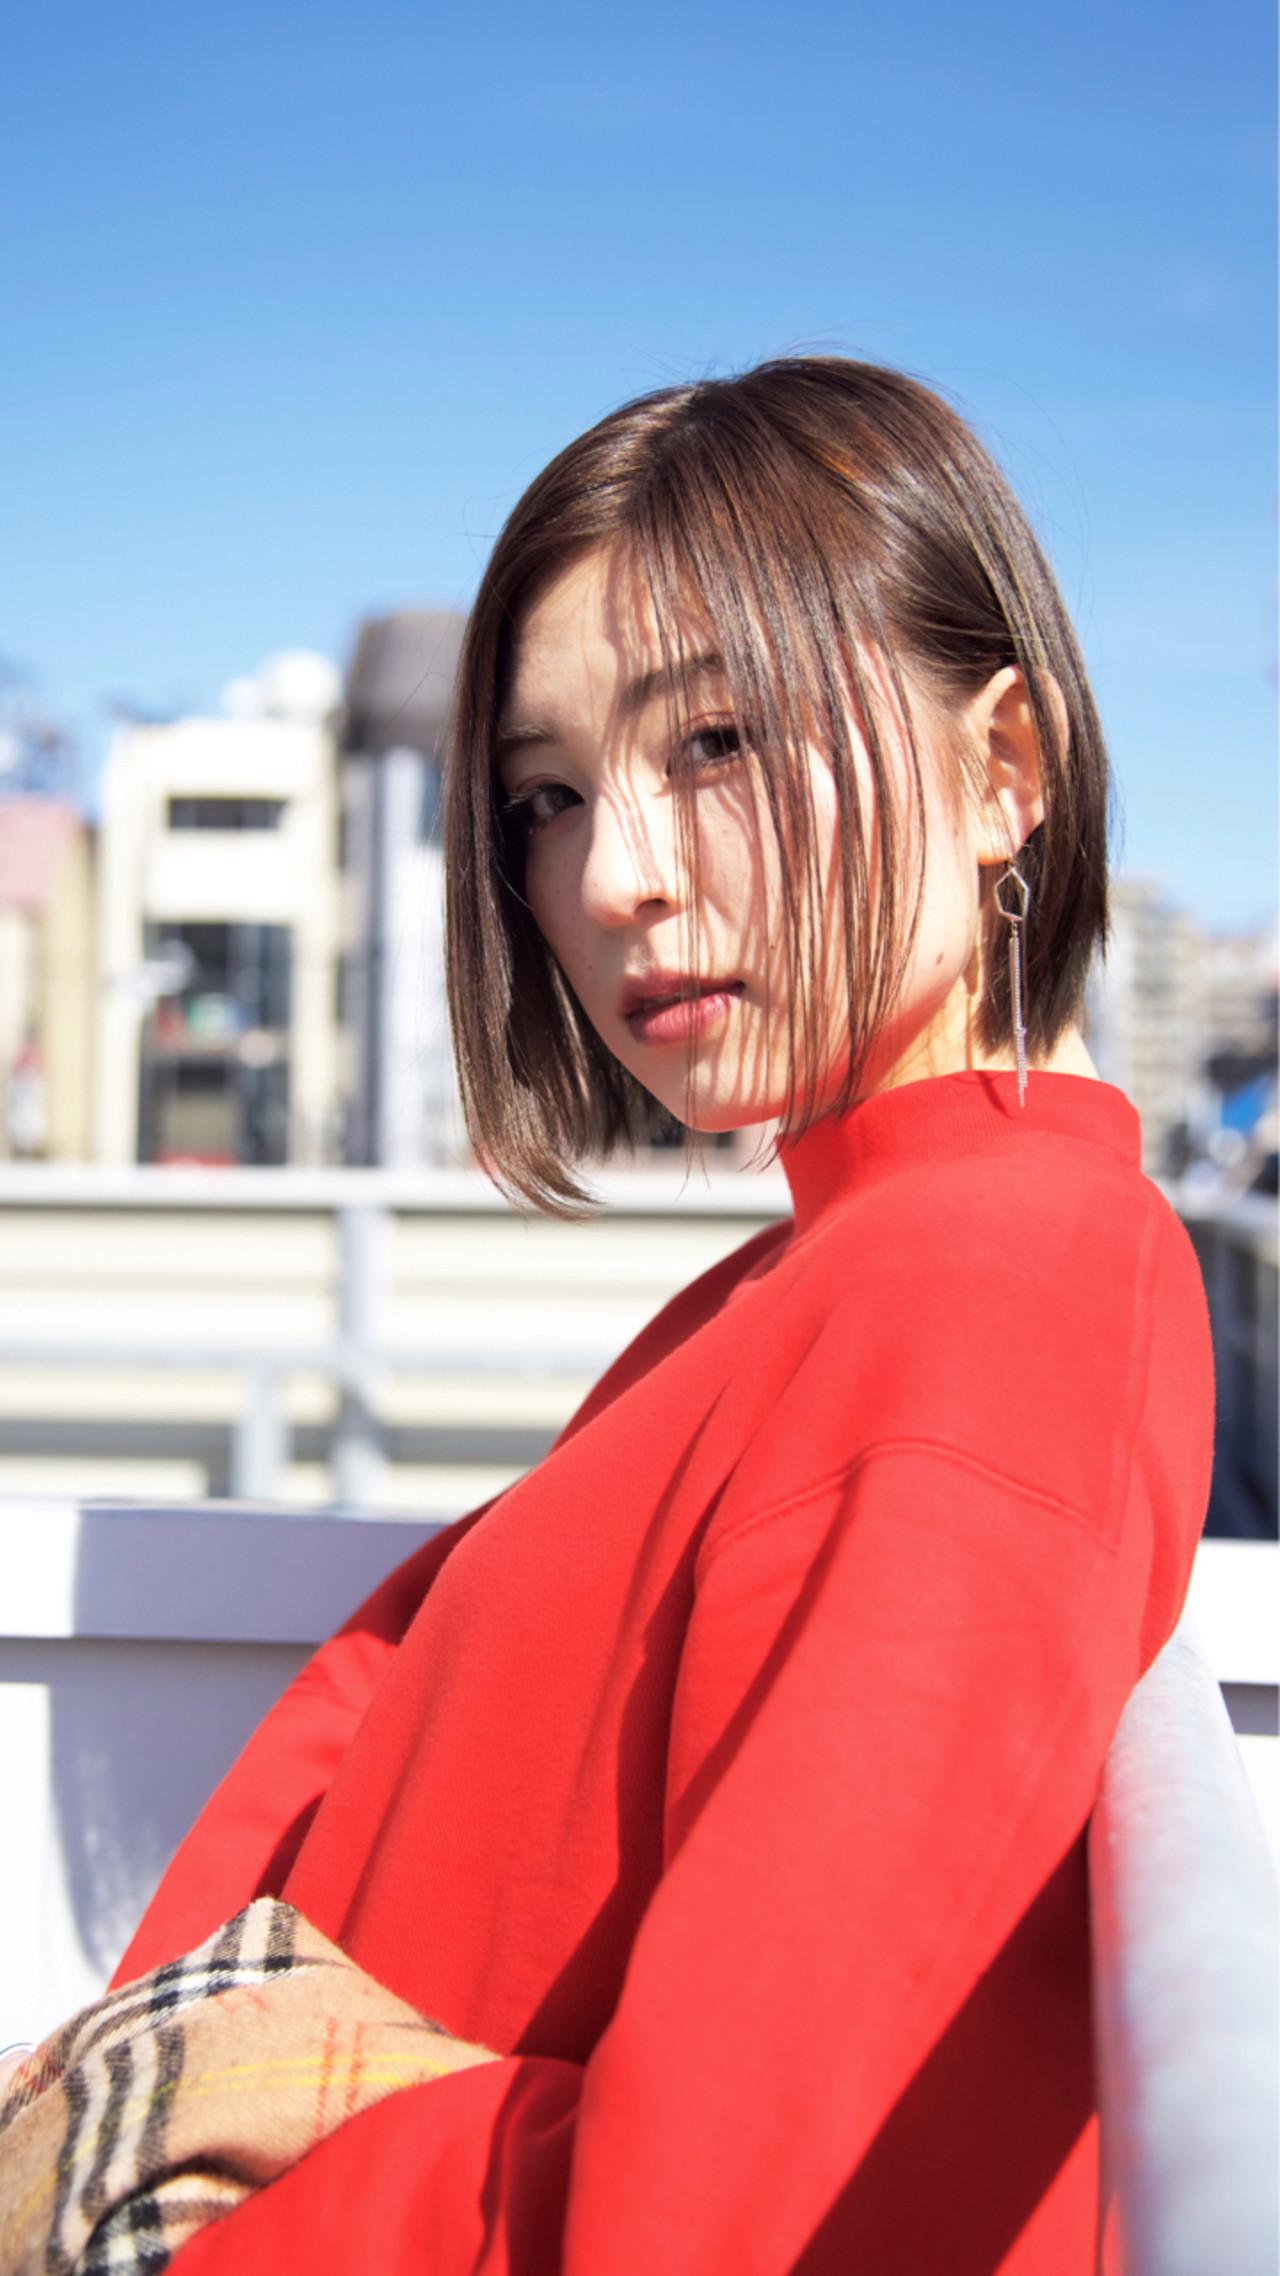 前髪なしで色っぽい目元を叶えて shohei nishimori